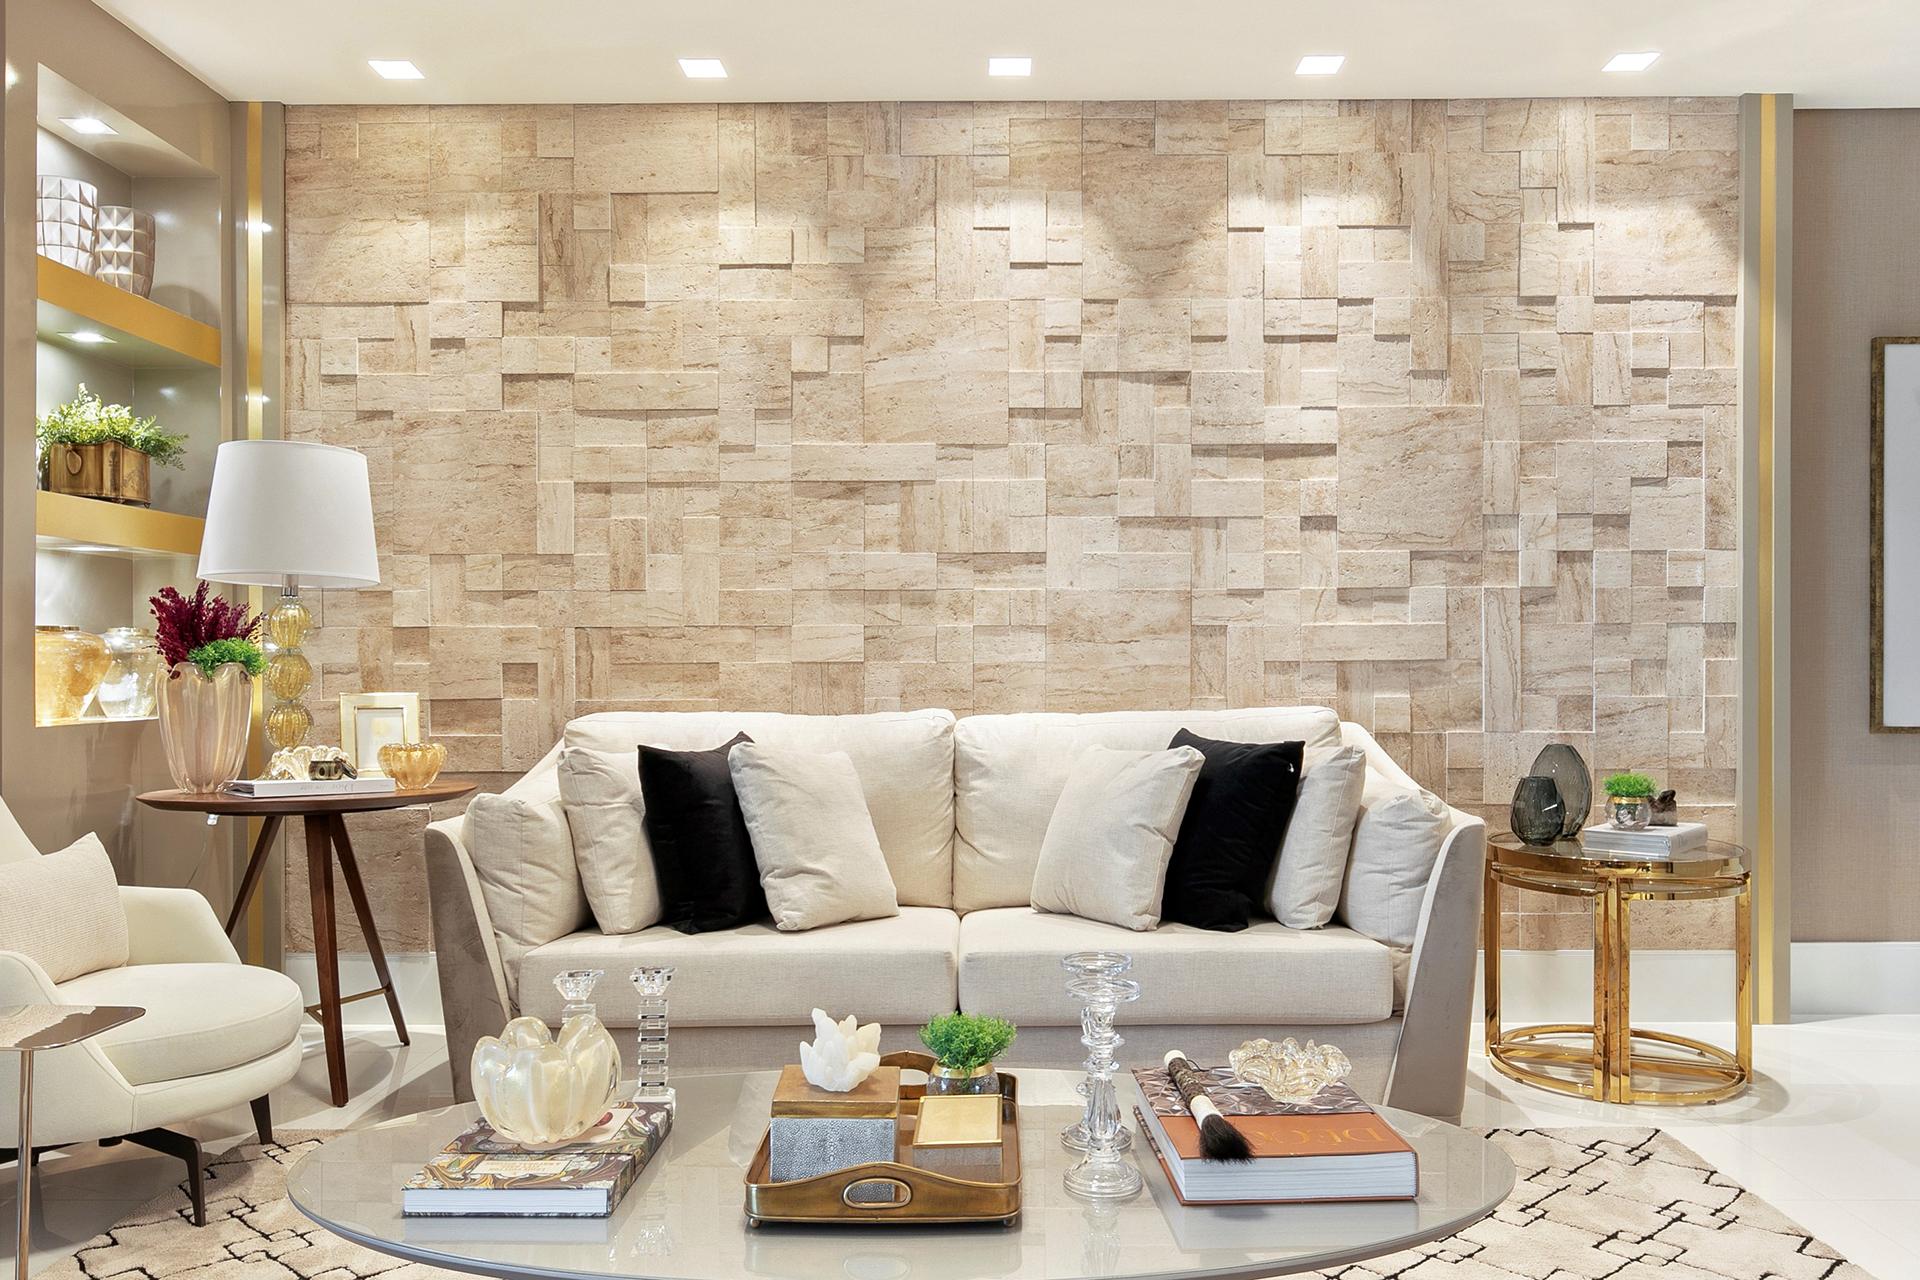 Sala com sofá branco e almofadas pretas e brancas, poltrona branca, mesinha de centro oval cinza, mesinhas de canto dourada e marrom e parede de fundo com revestimento 3D bege Mosaico Estrusco Travertino